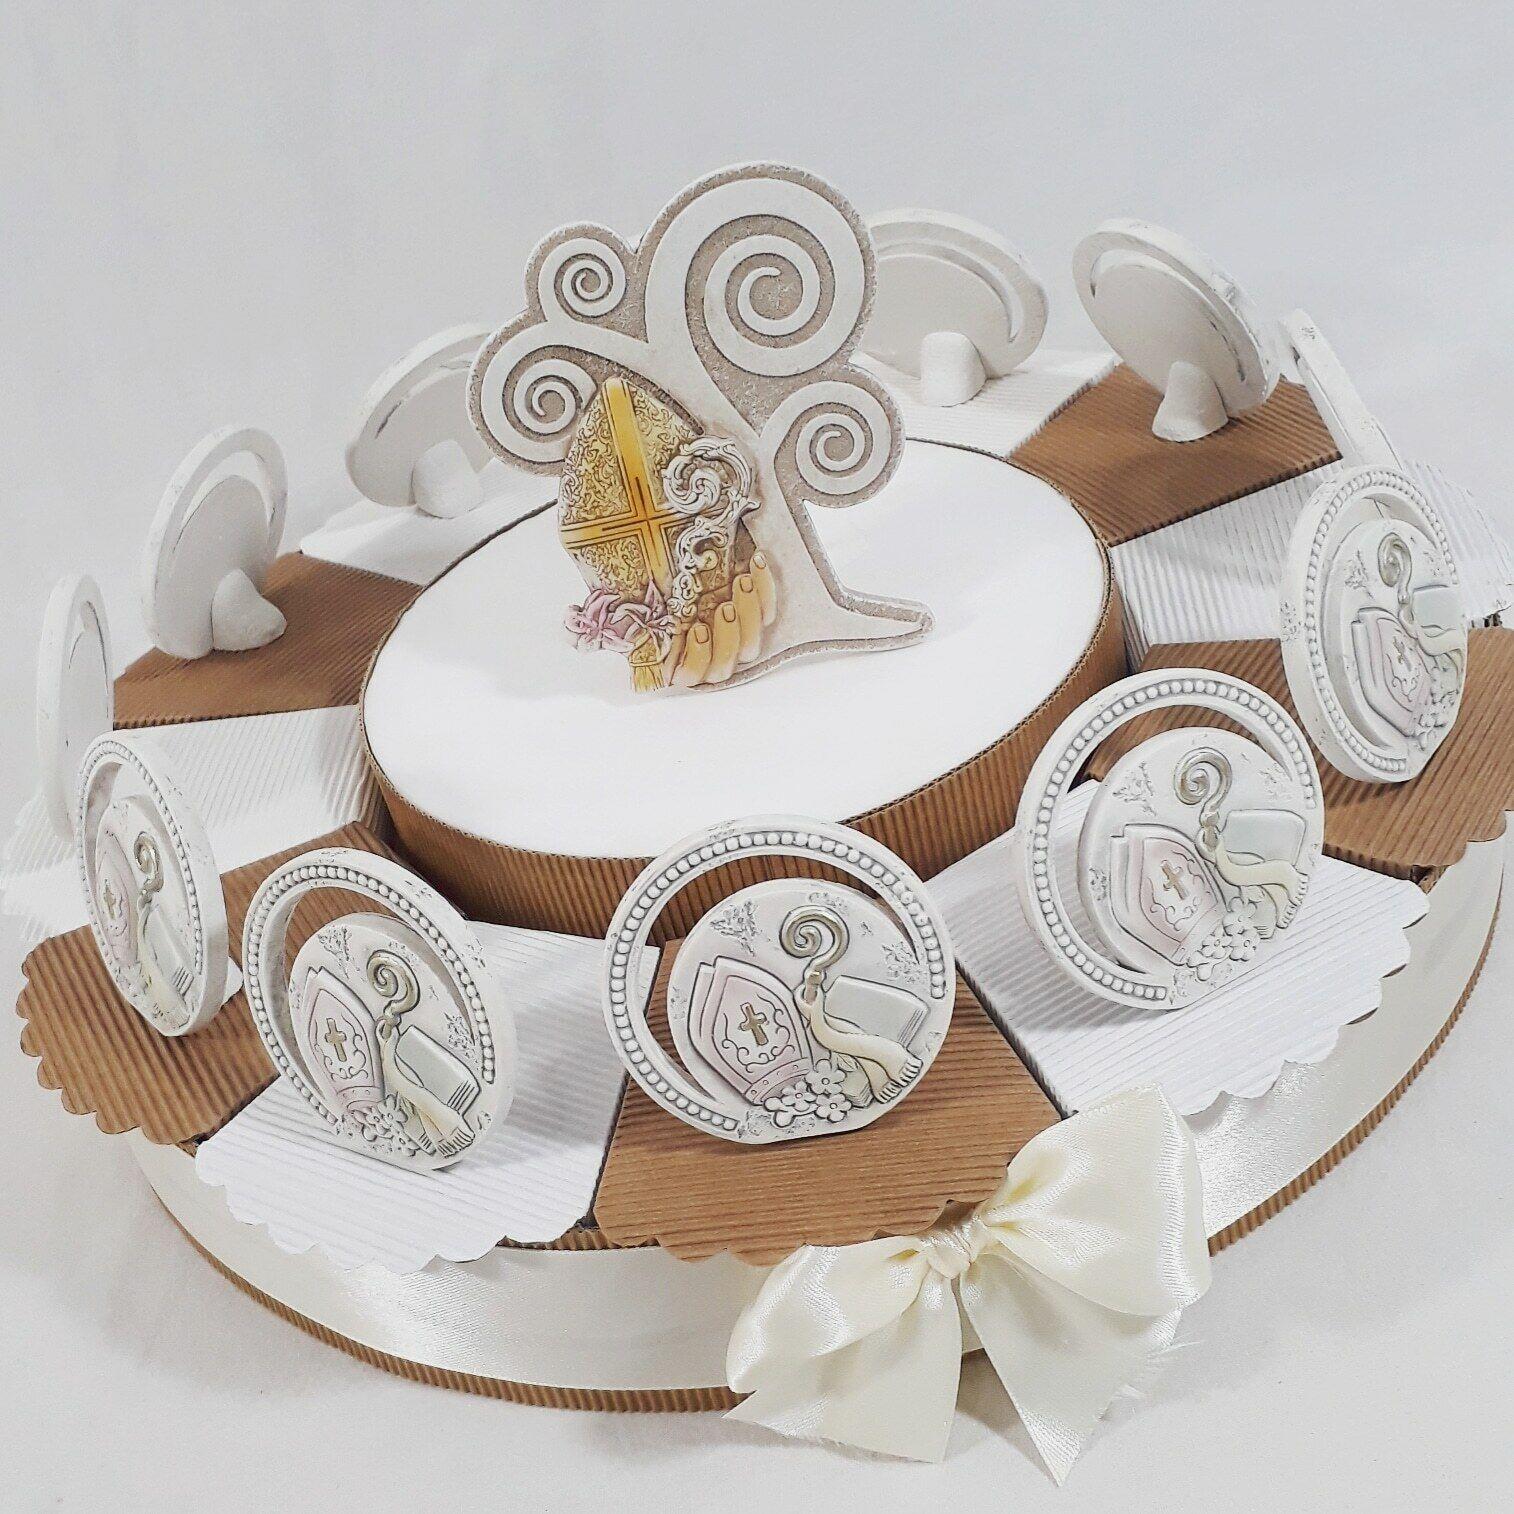 Bomboniere per cresima torta con immagini sacre bibbia bastone del sacerdote